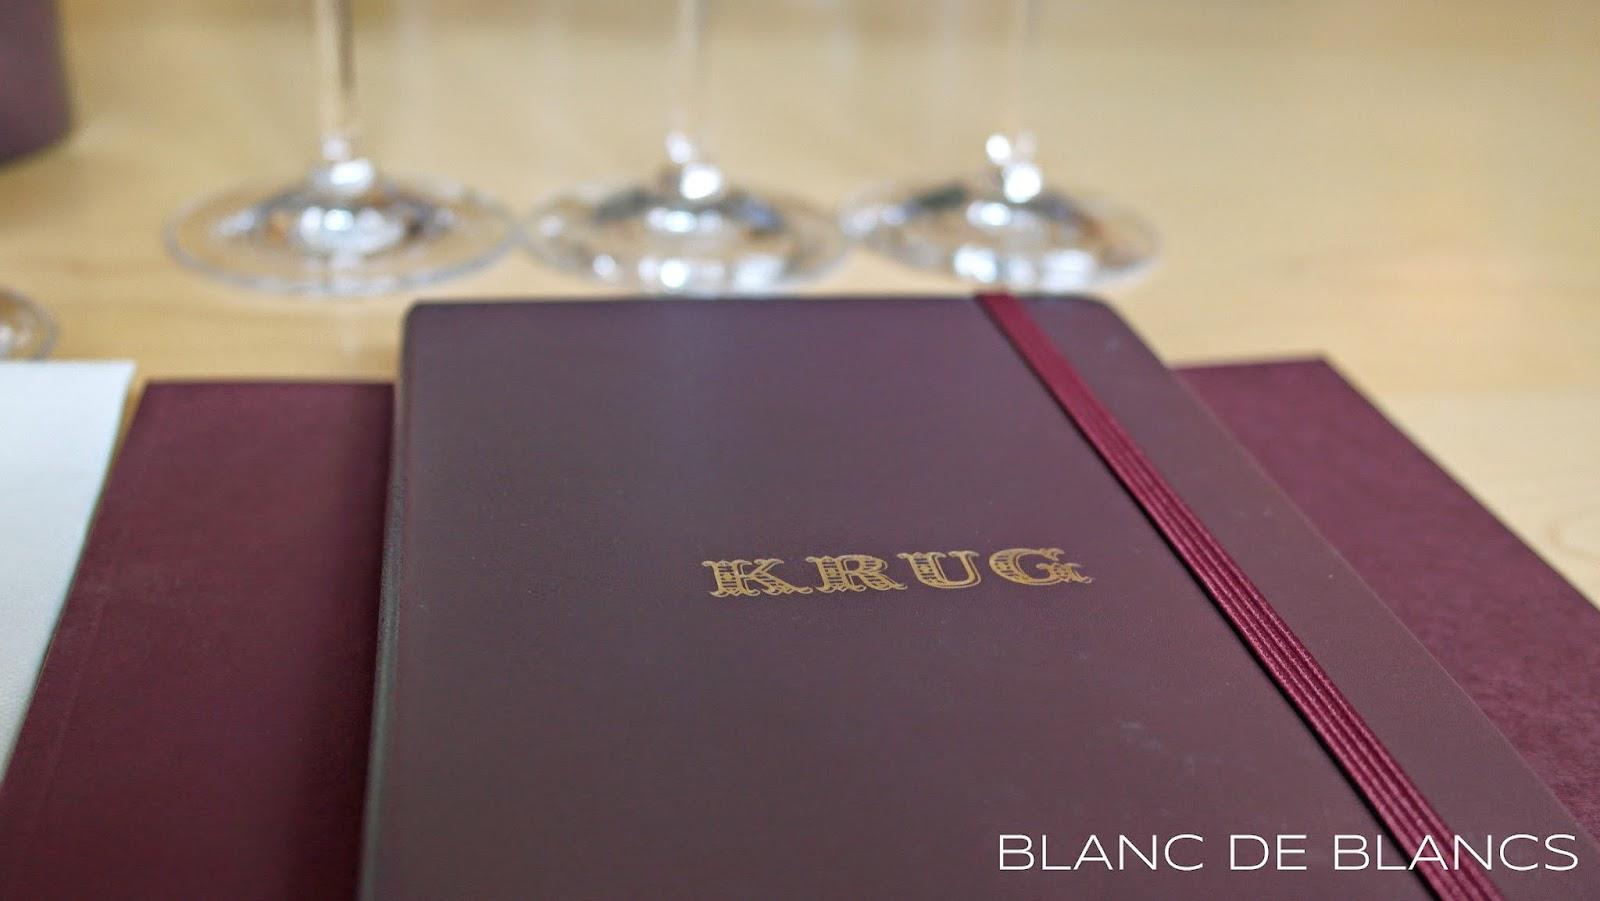 Vierailu Krugilla - www.blancdeblancs.fi